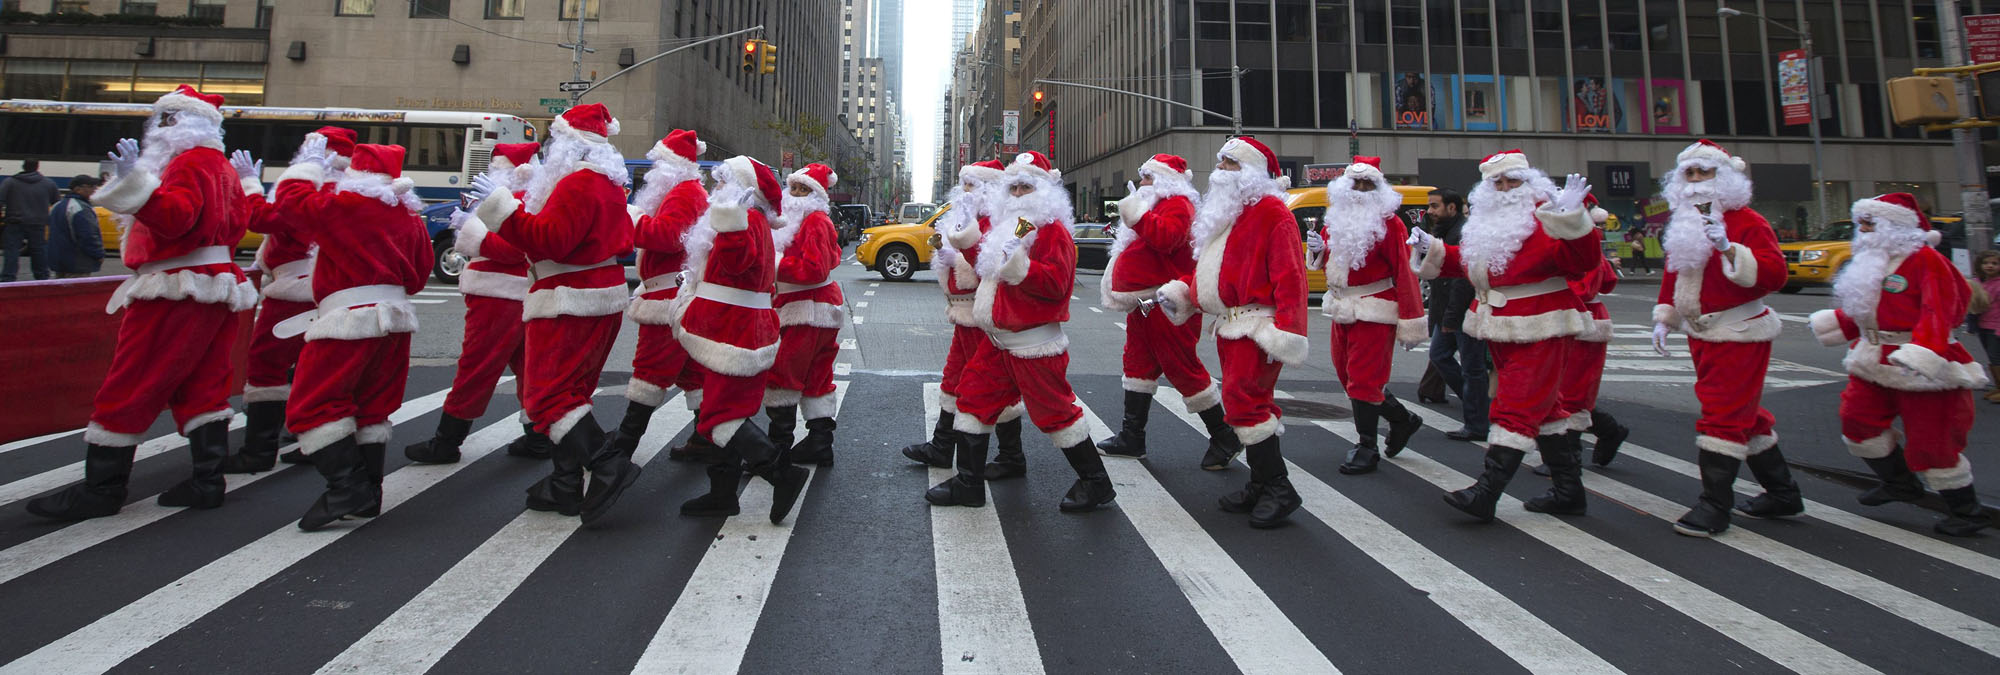 Nov. 23 Photo Brief: Sidewalk Santas, animal factories